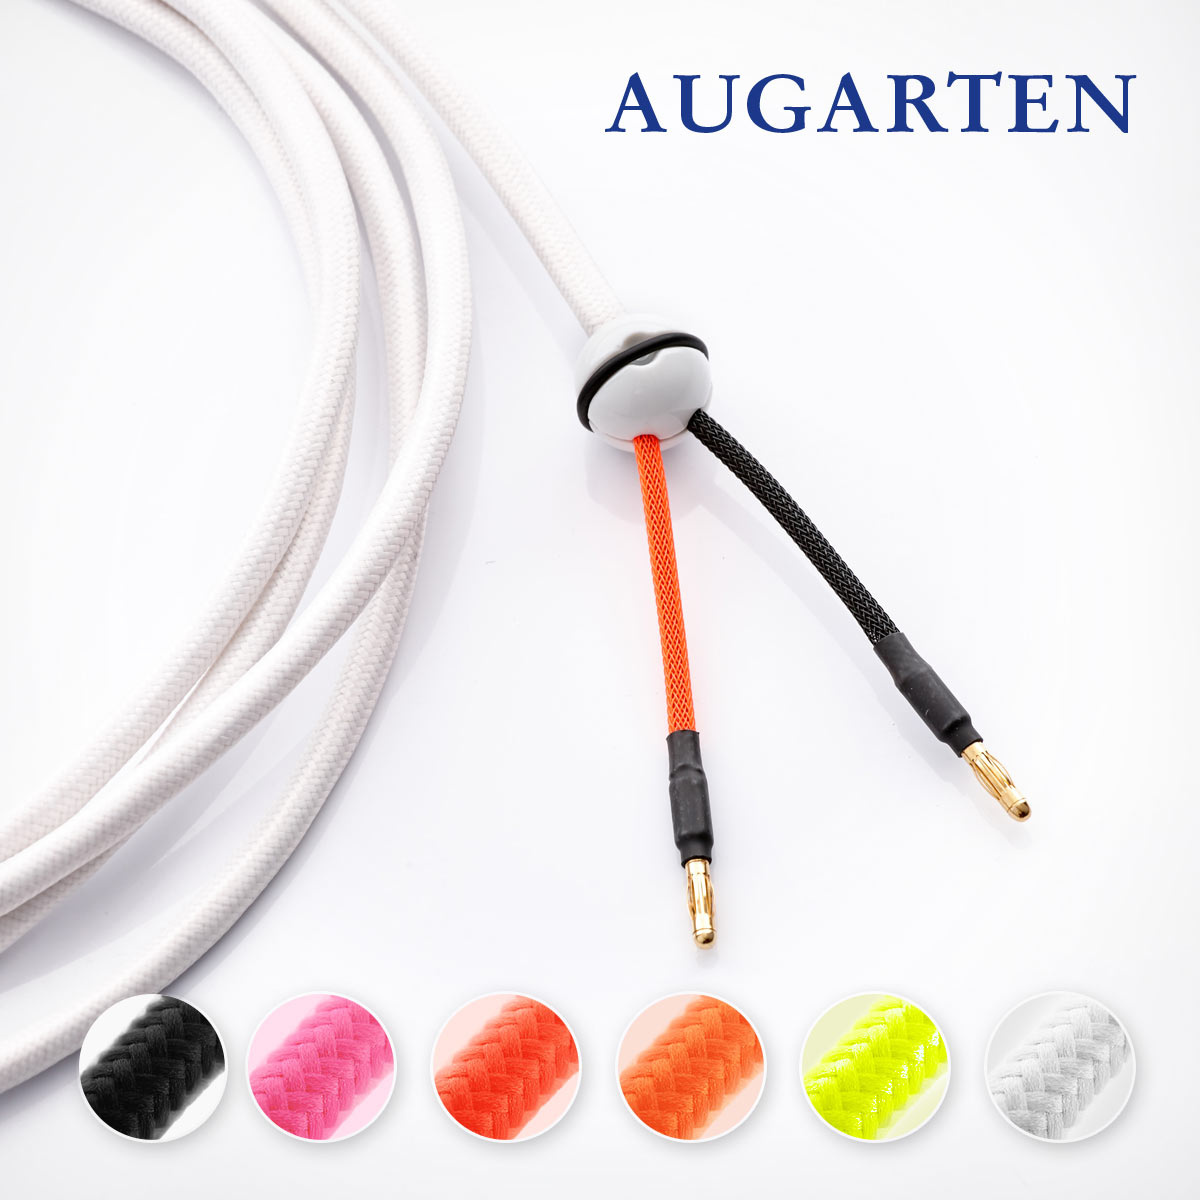 Kabel Augarten - mo° sound Kugellautsprecher